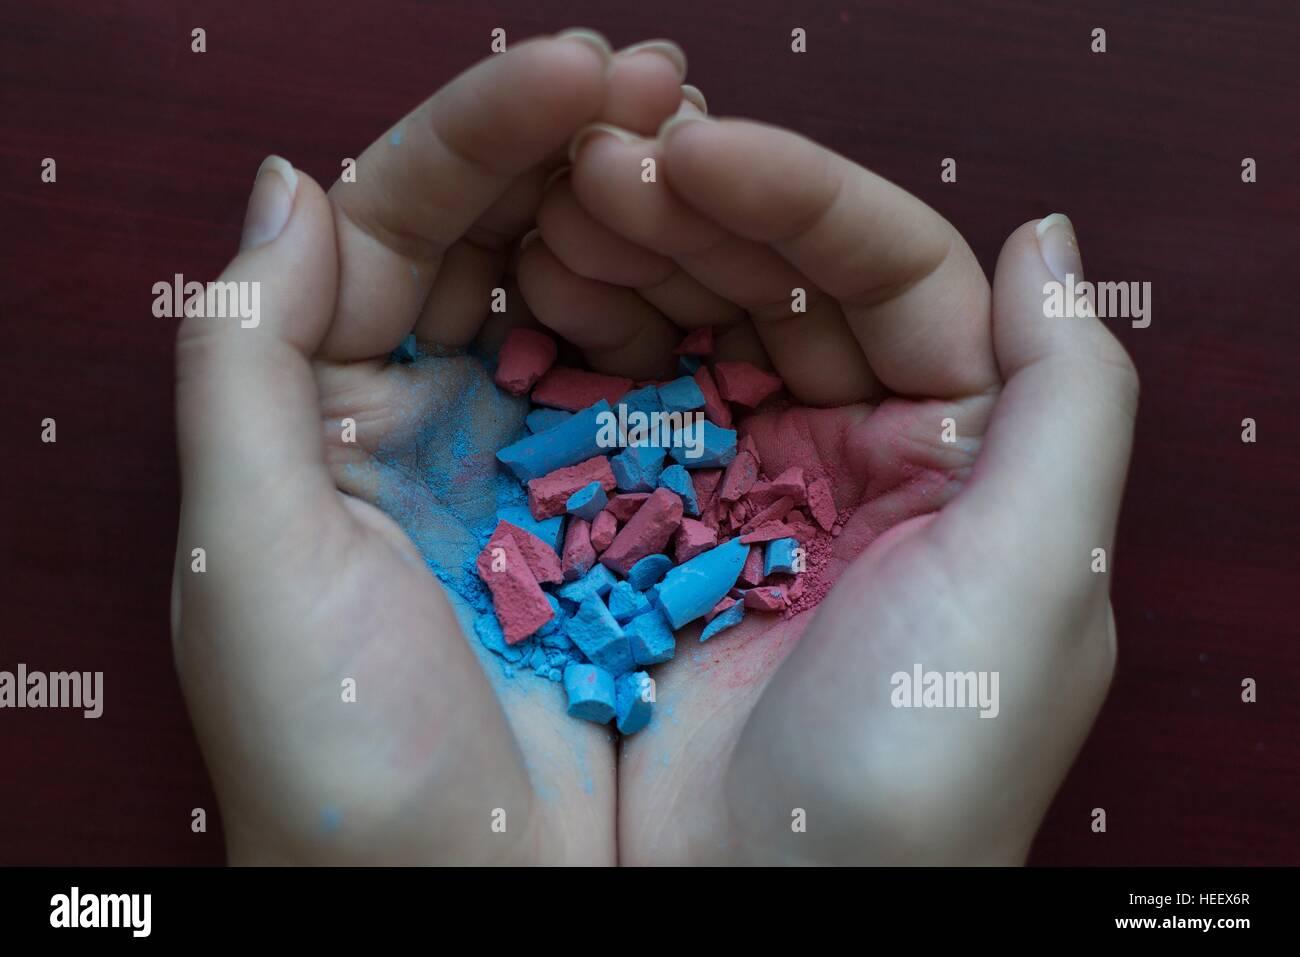 Hohlen Hand halten rosa und blaue Kreide, gemischt und zerbröckelte zusammen. Stockbild